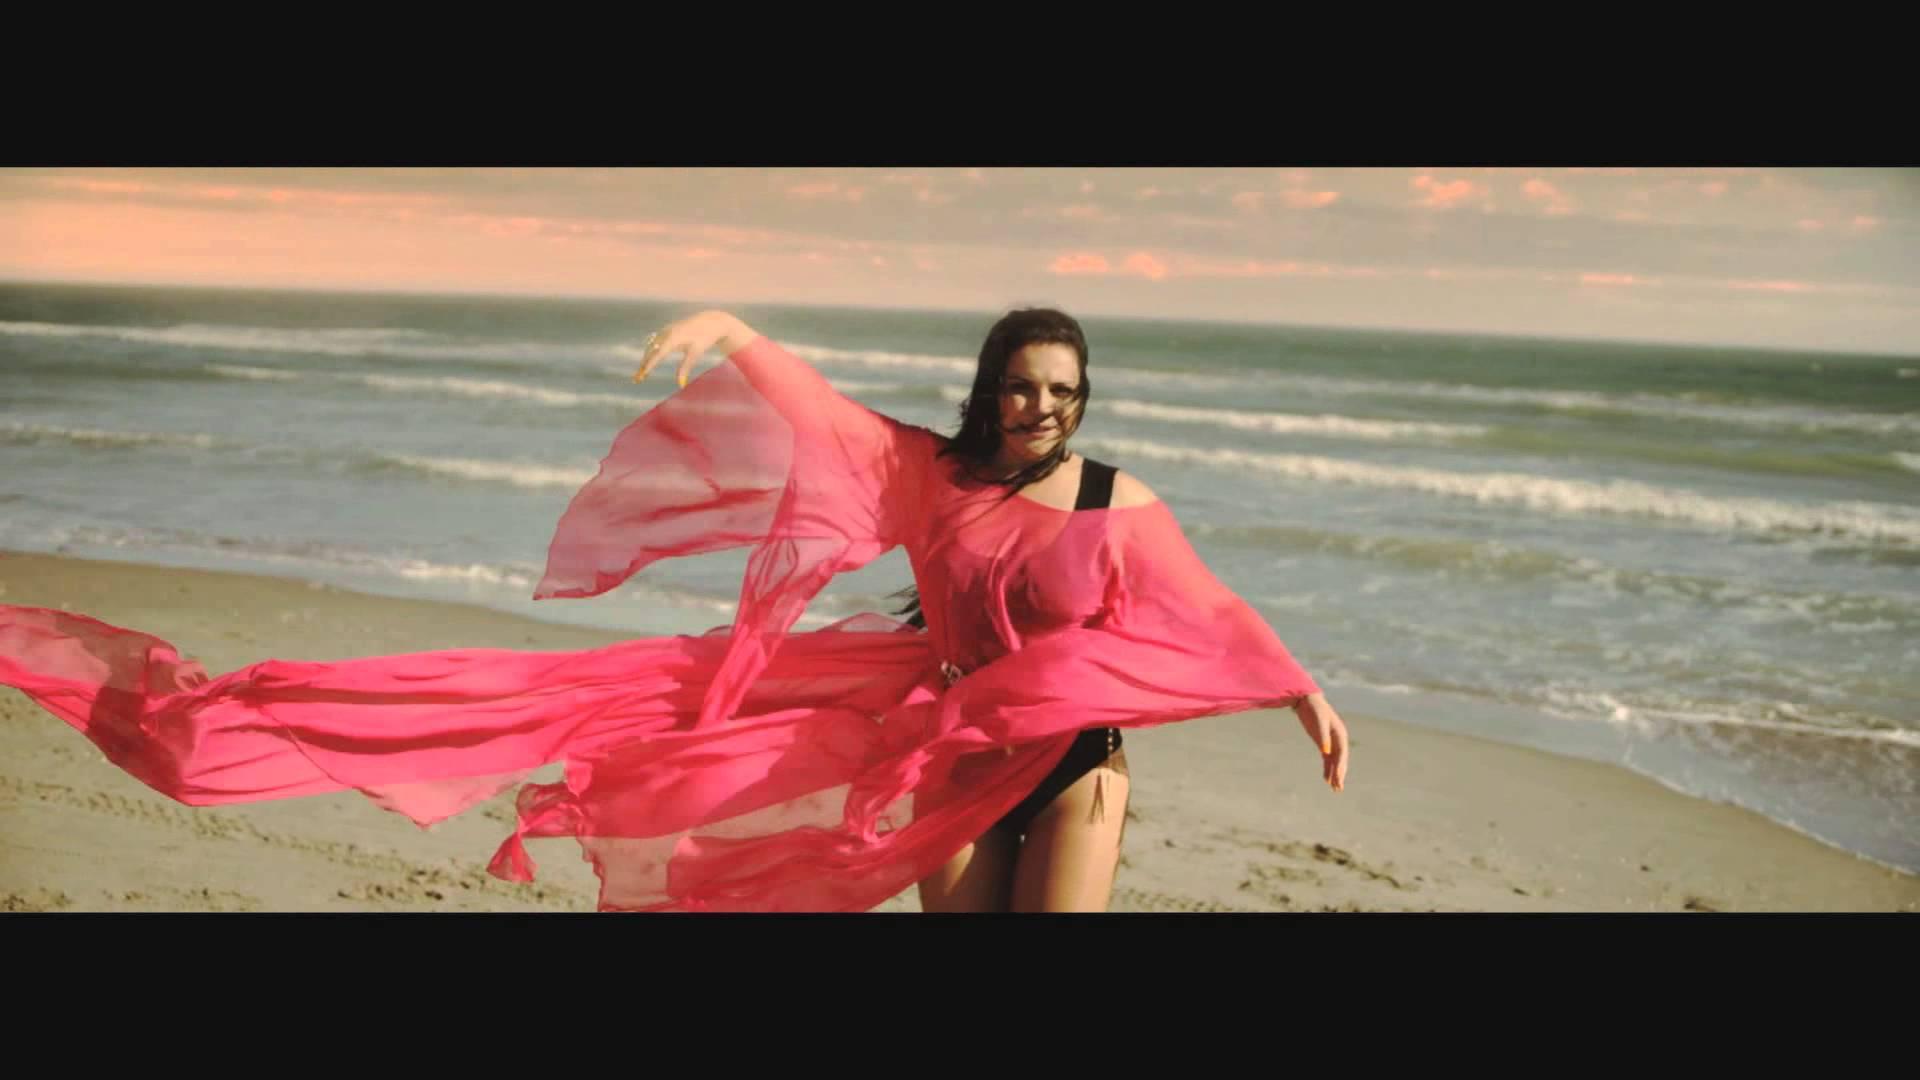 Сестра Криштиану Роналду скоро выпустит свой сольный альбом